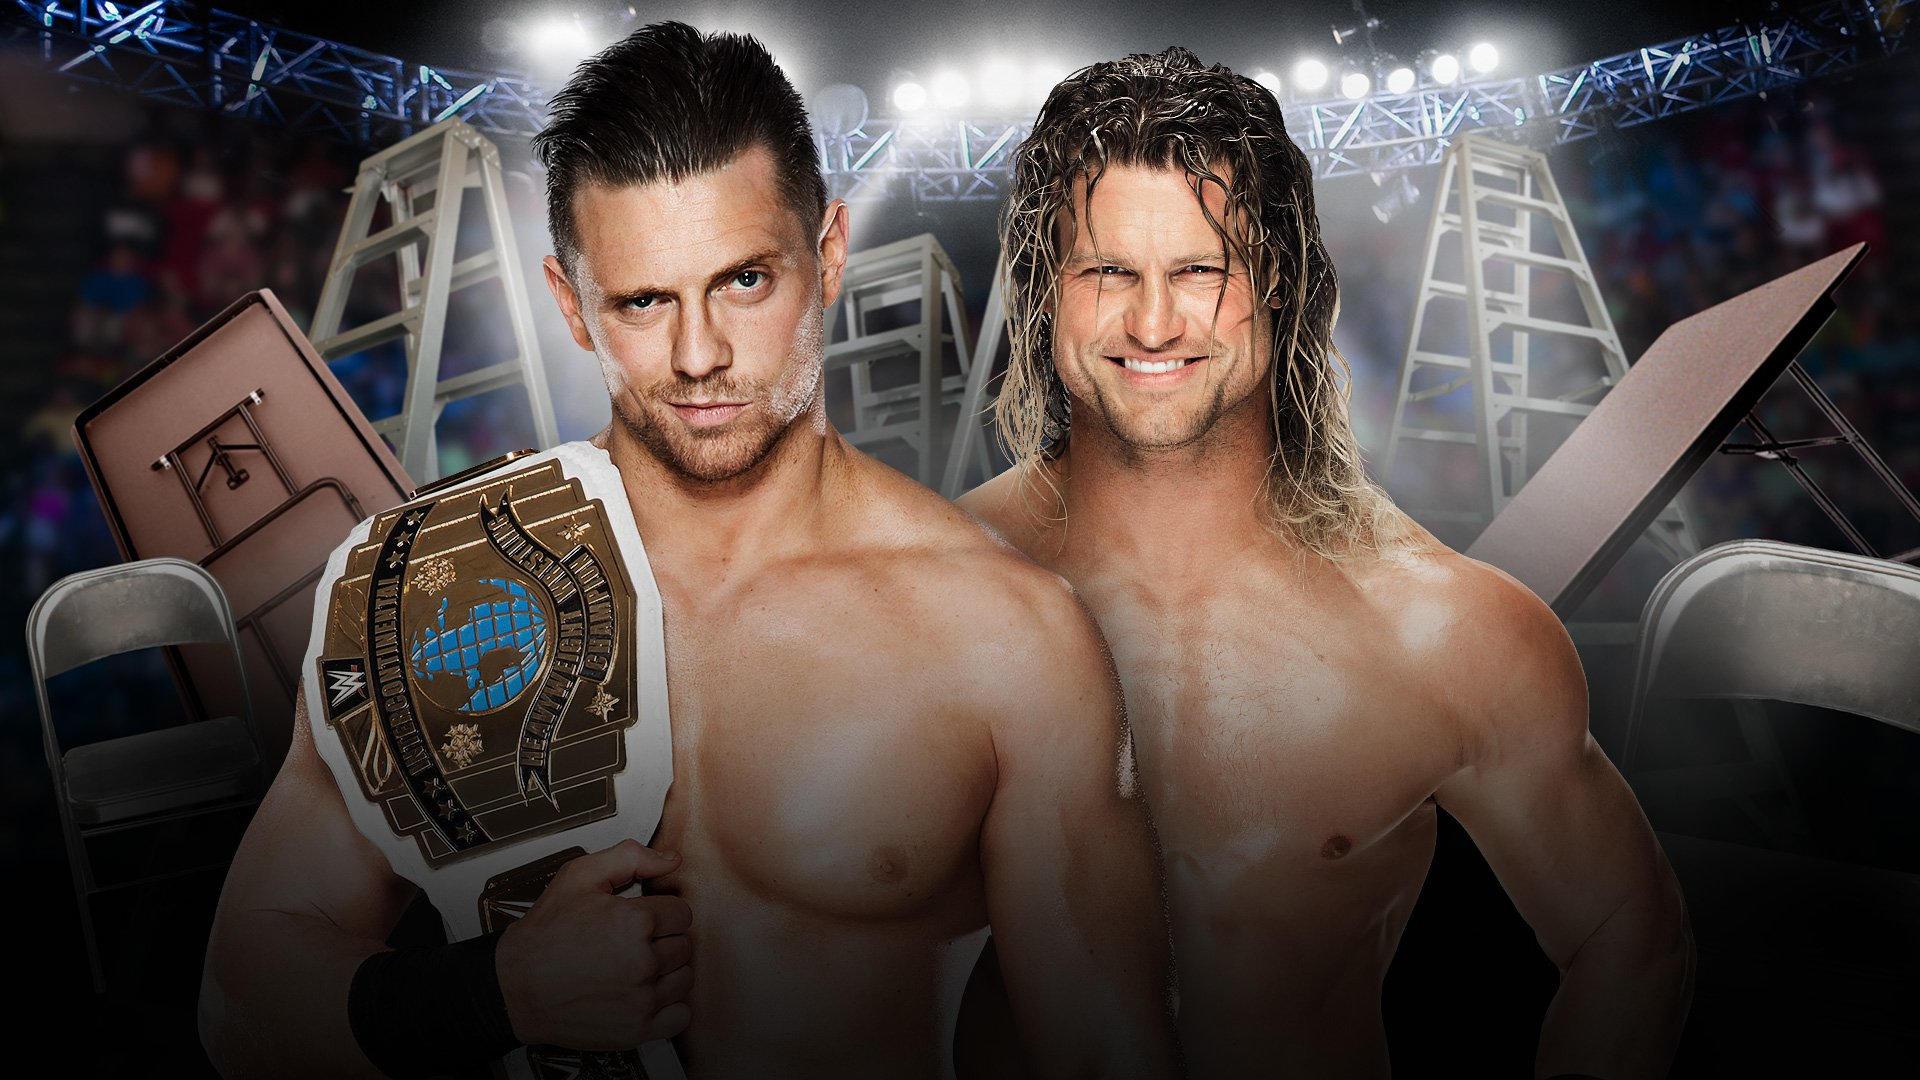 WWE TLC - DECEMBER 4 - DALLAS, TEXAS 20161122_TLC_Match_MizZiggler--8f834b39444bd651e865d034c910343f